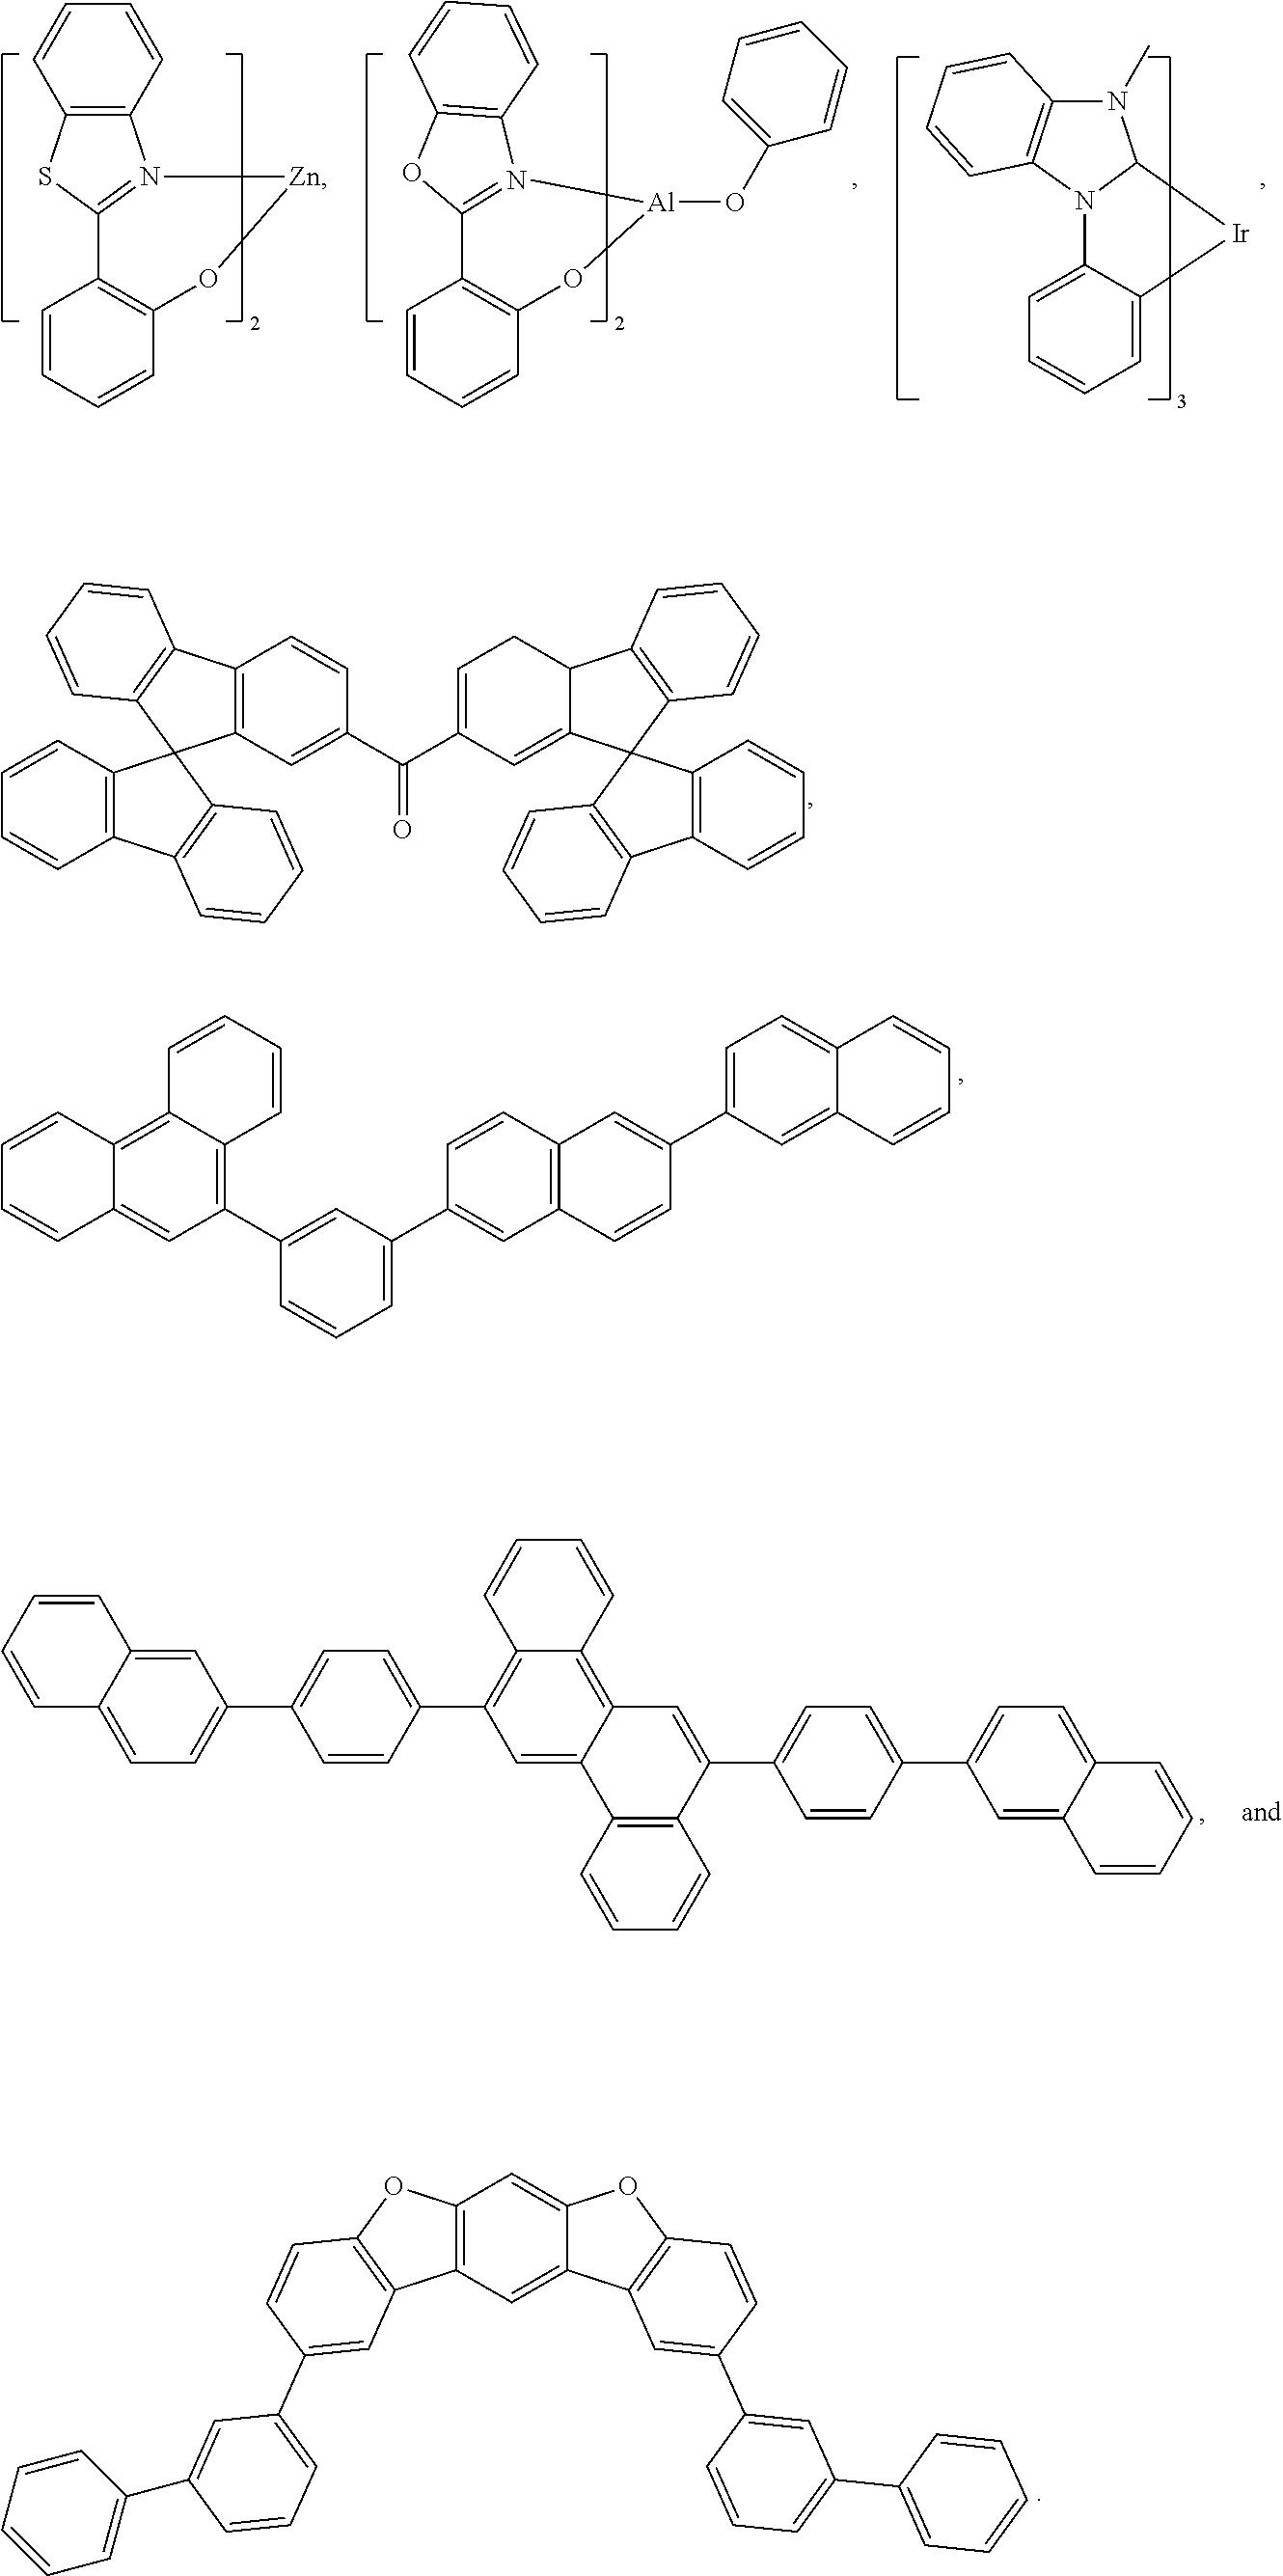 Figure US20180076393A1-20180315-C00095